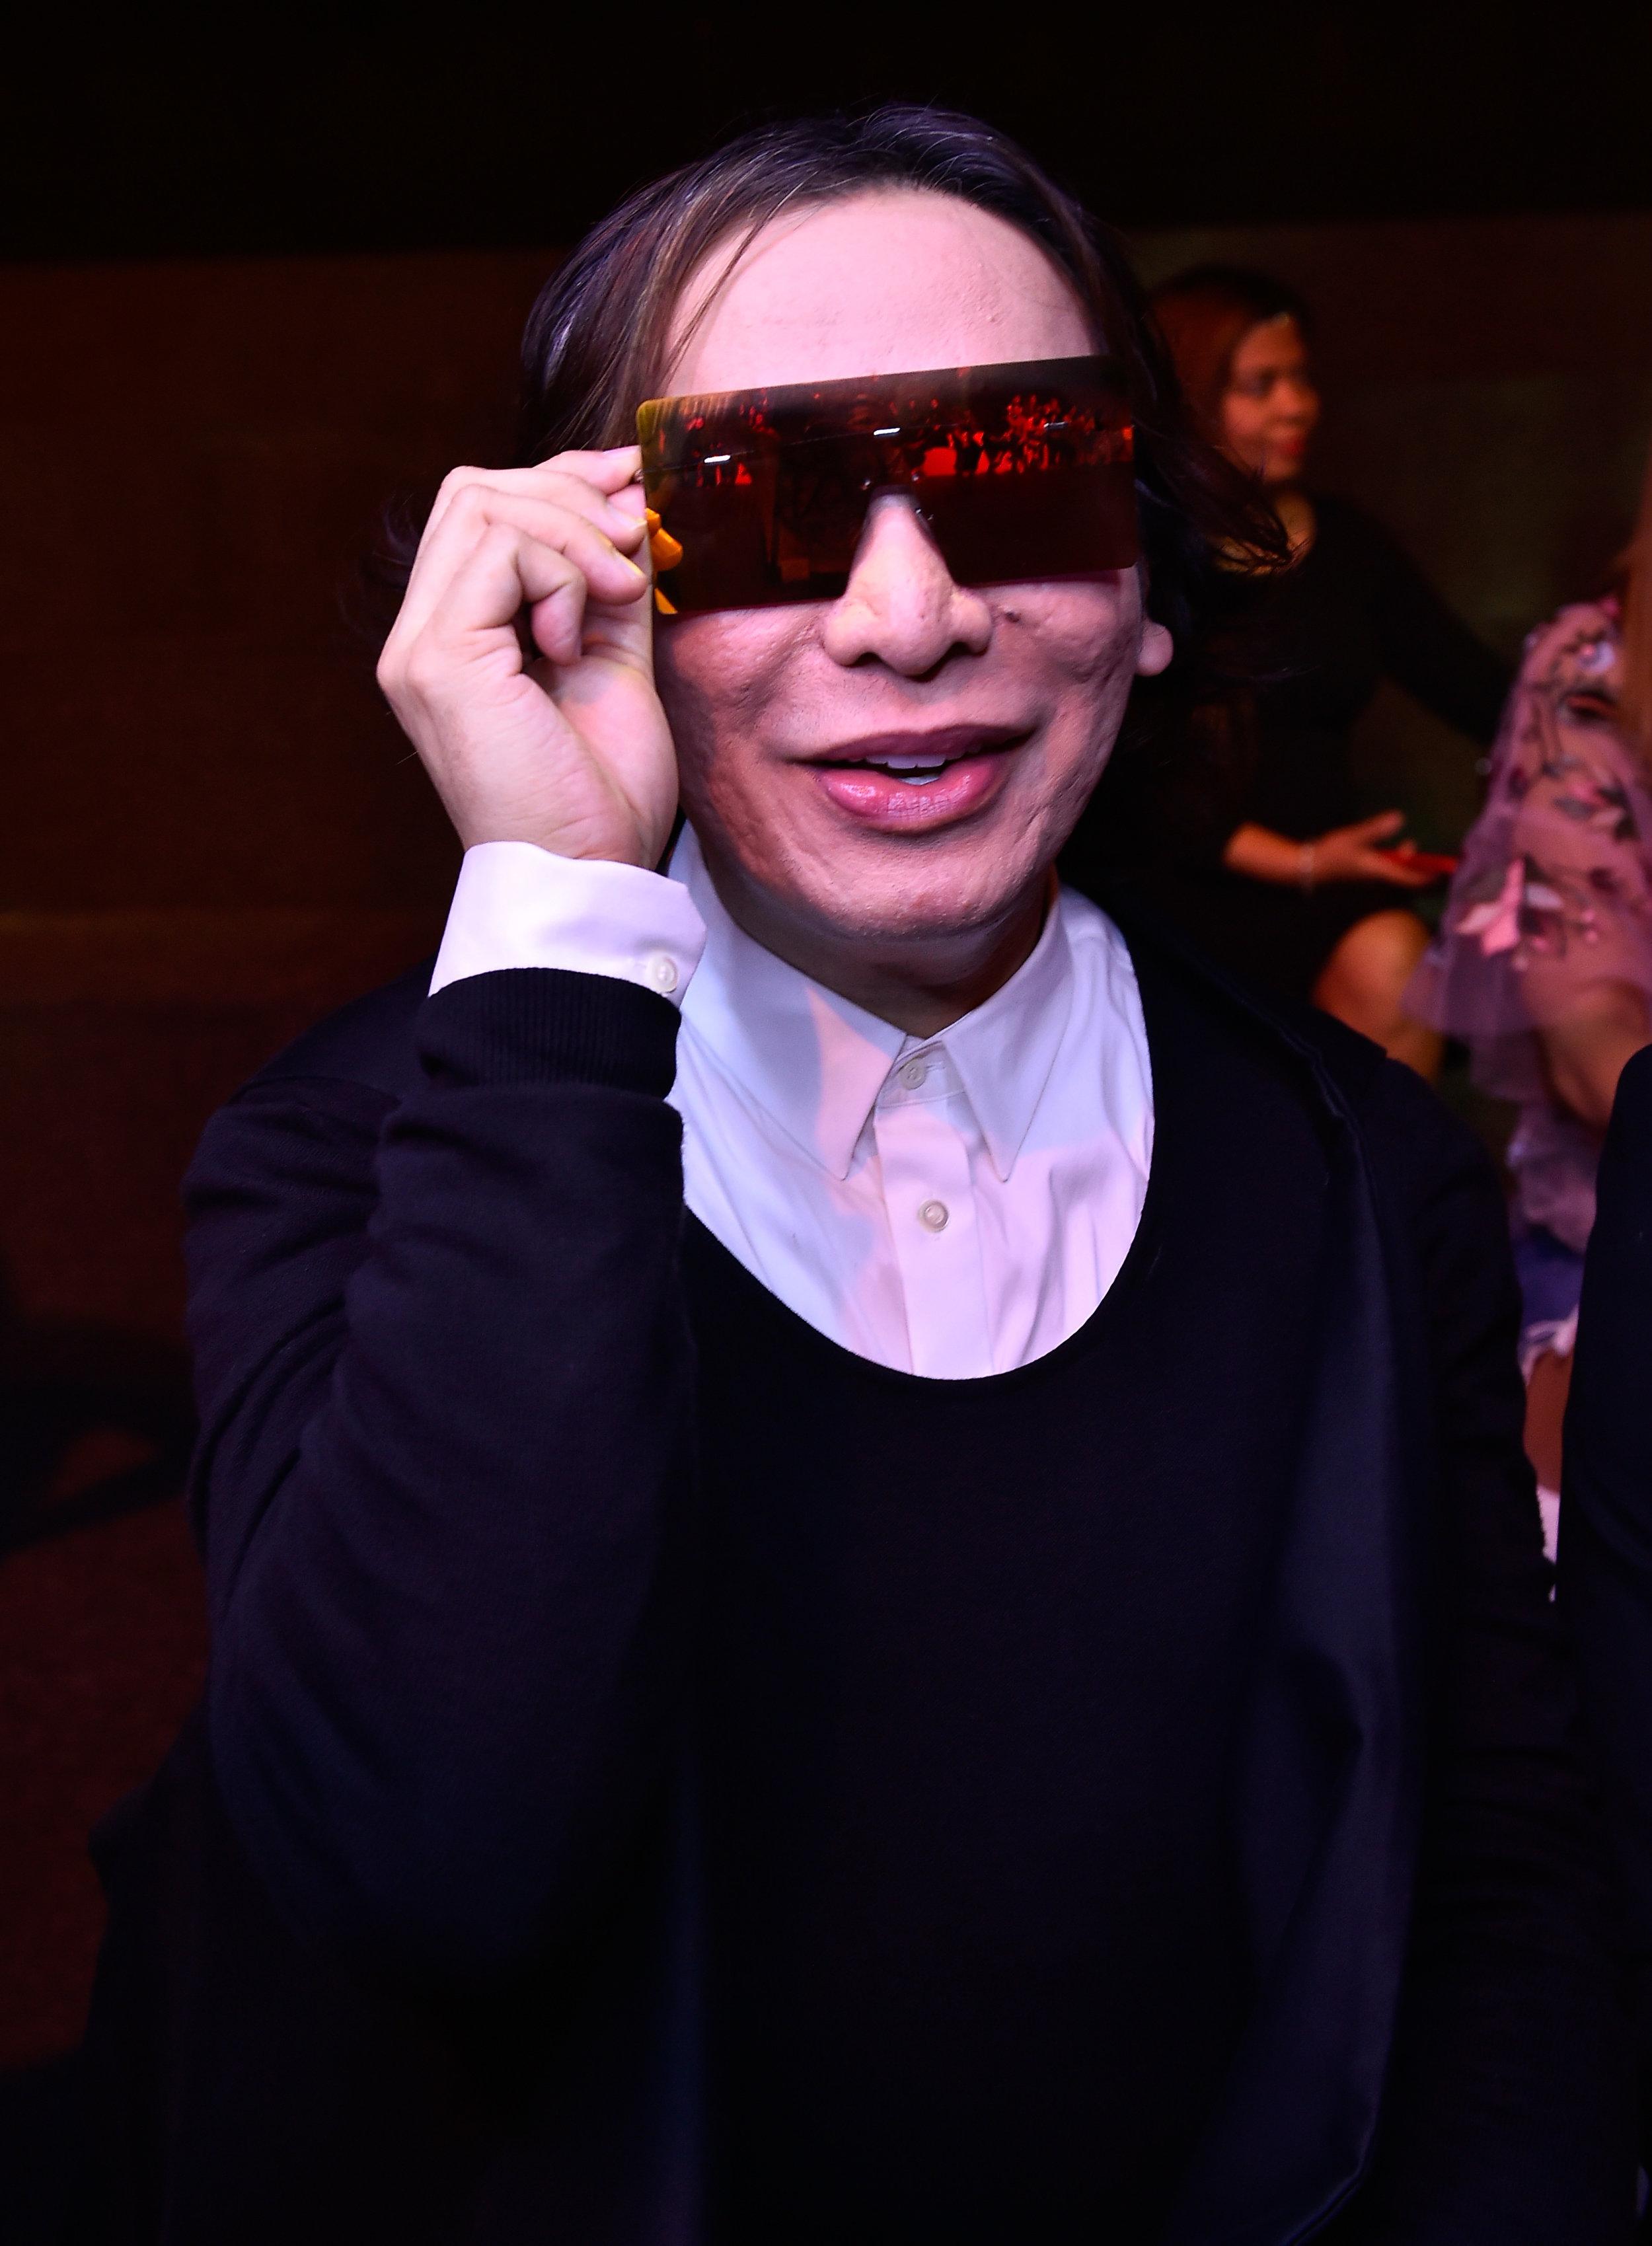 Modedesigner Miachel Cinco darf nicht verraten, wen er eingekleidet hat.  Foto: Getty Images